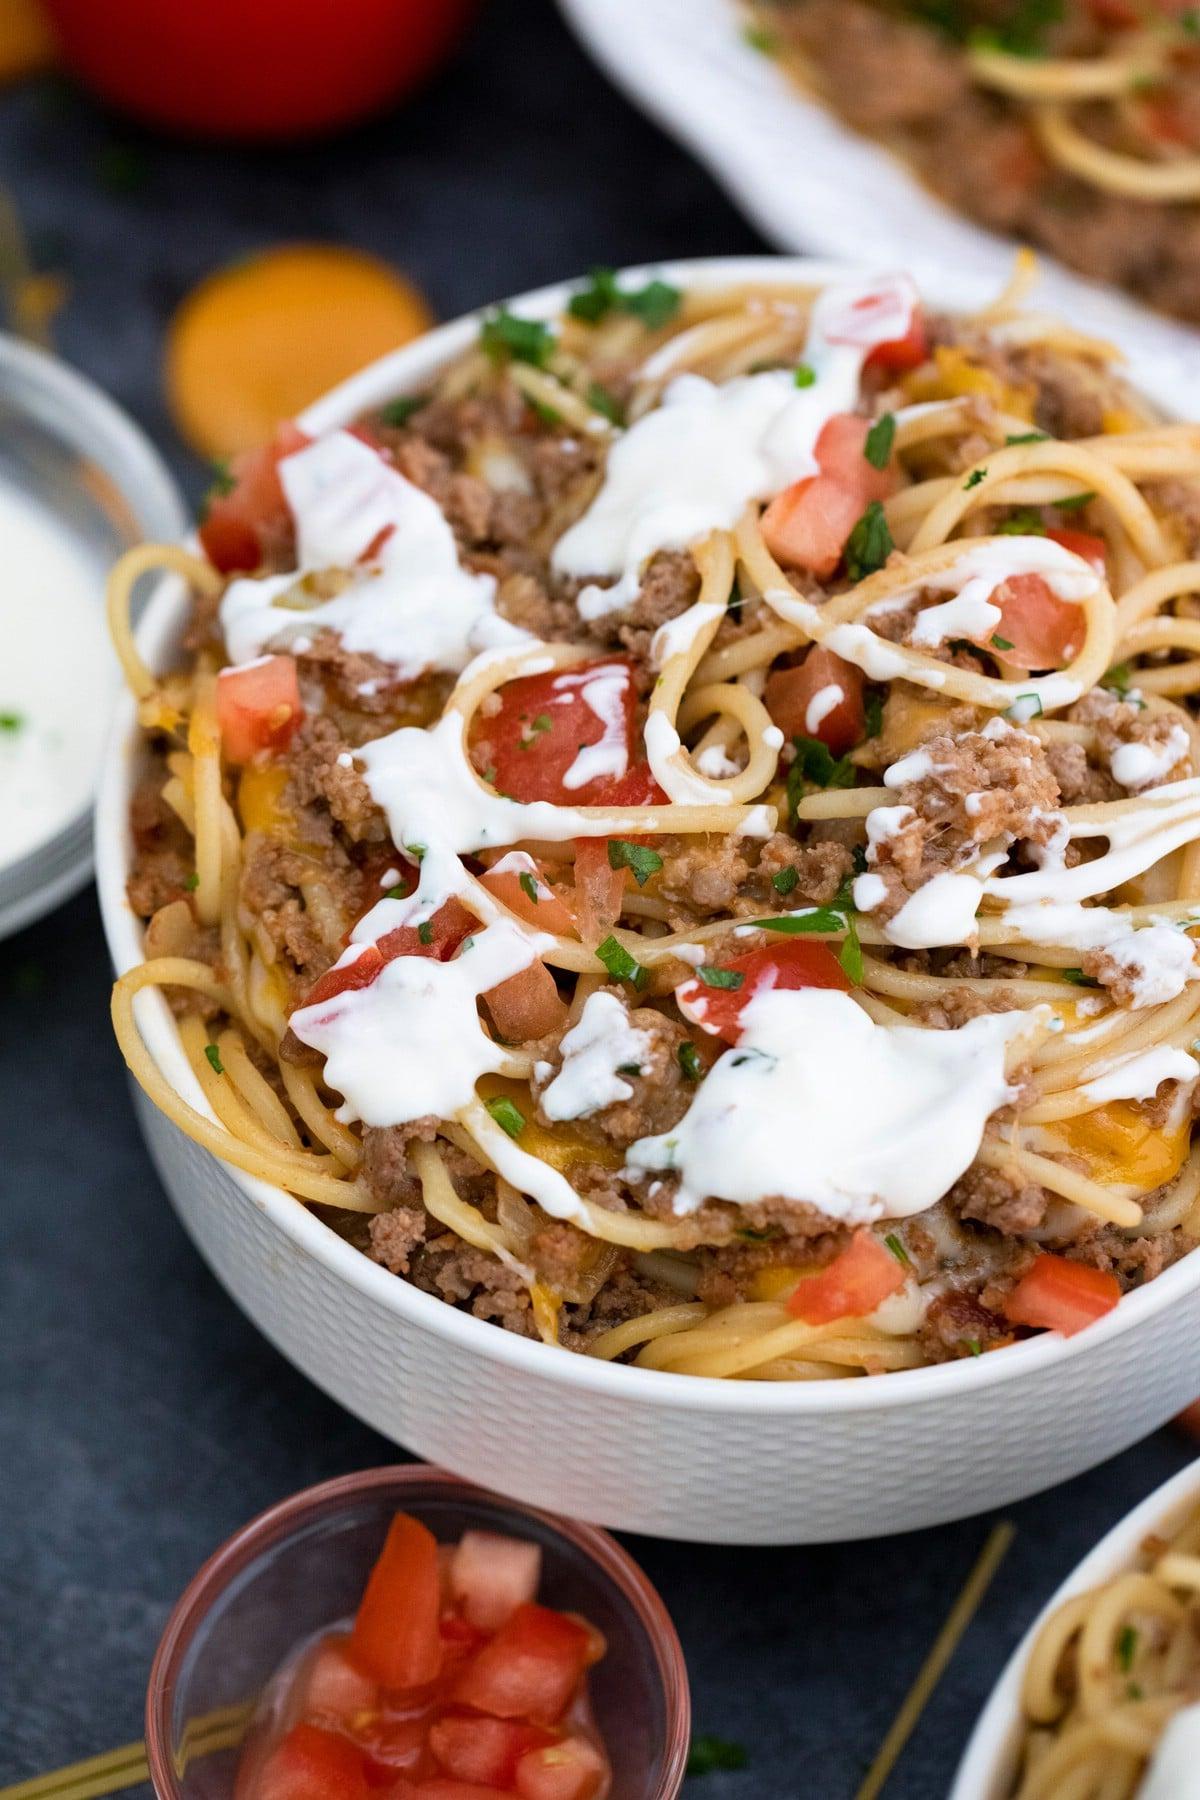 Taco spaghetti with sour cream